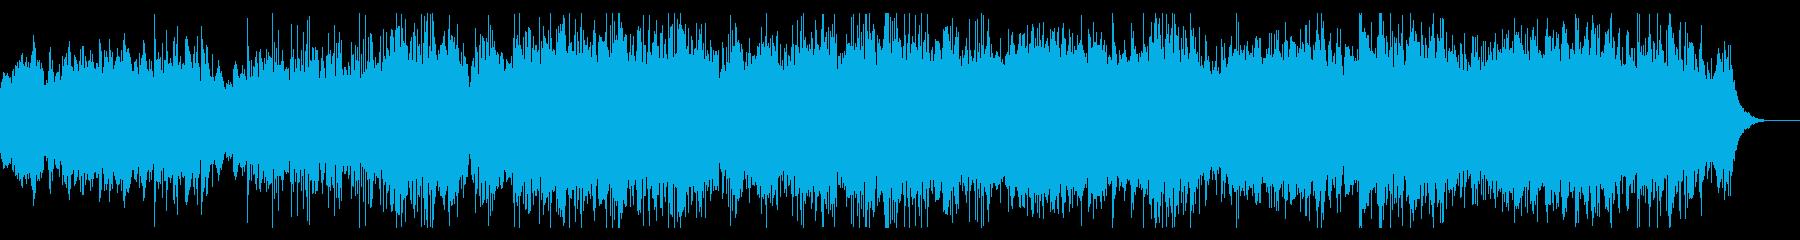 サスペンシブなテクスチャの再生済みの波形